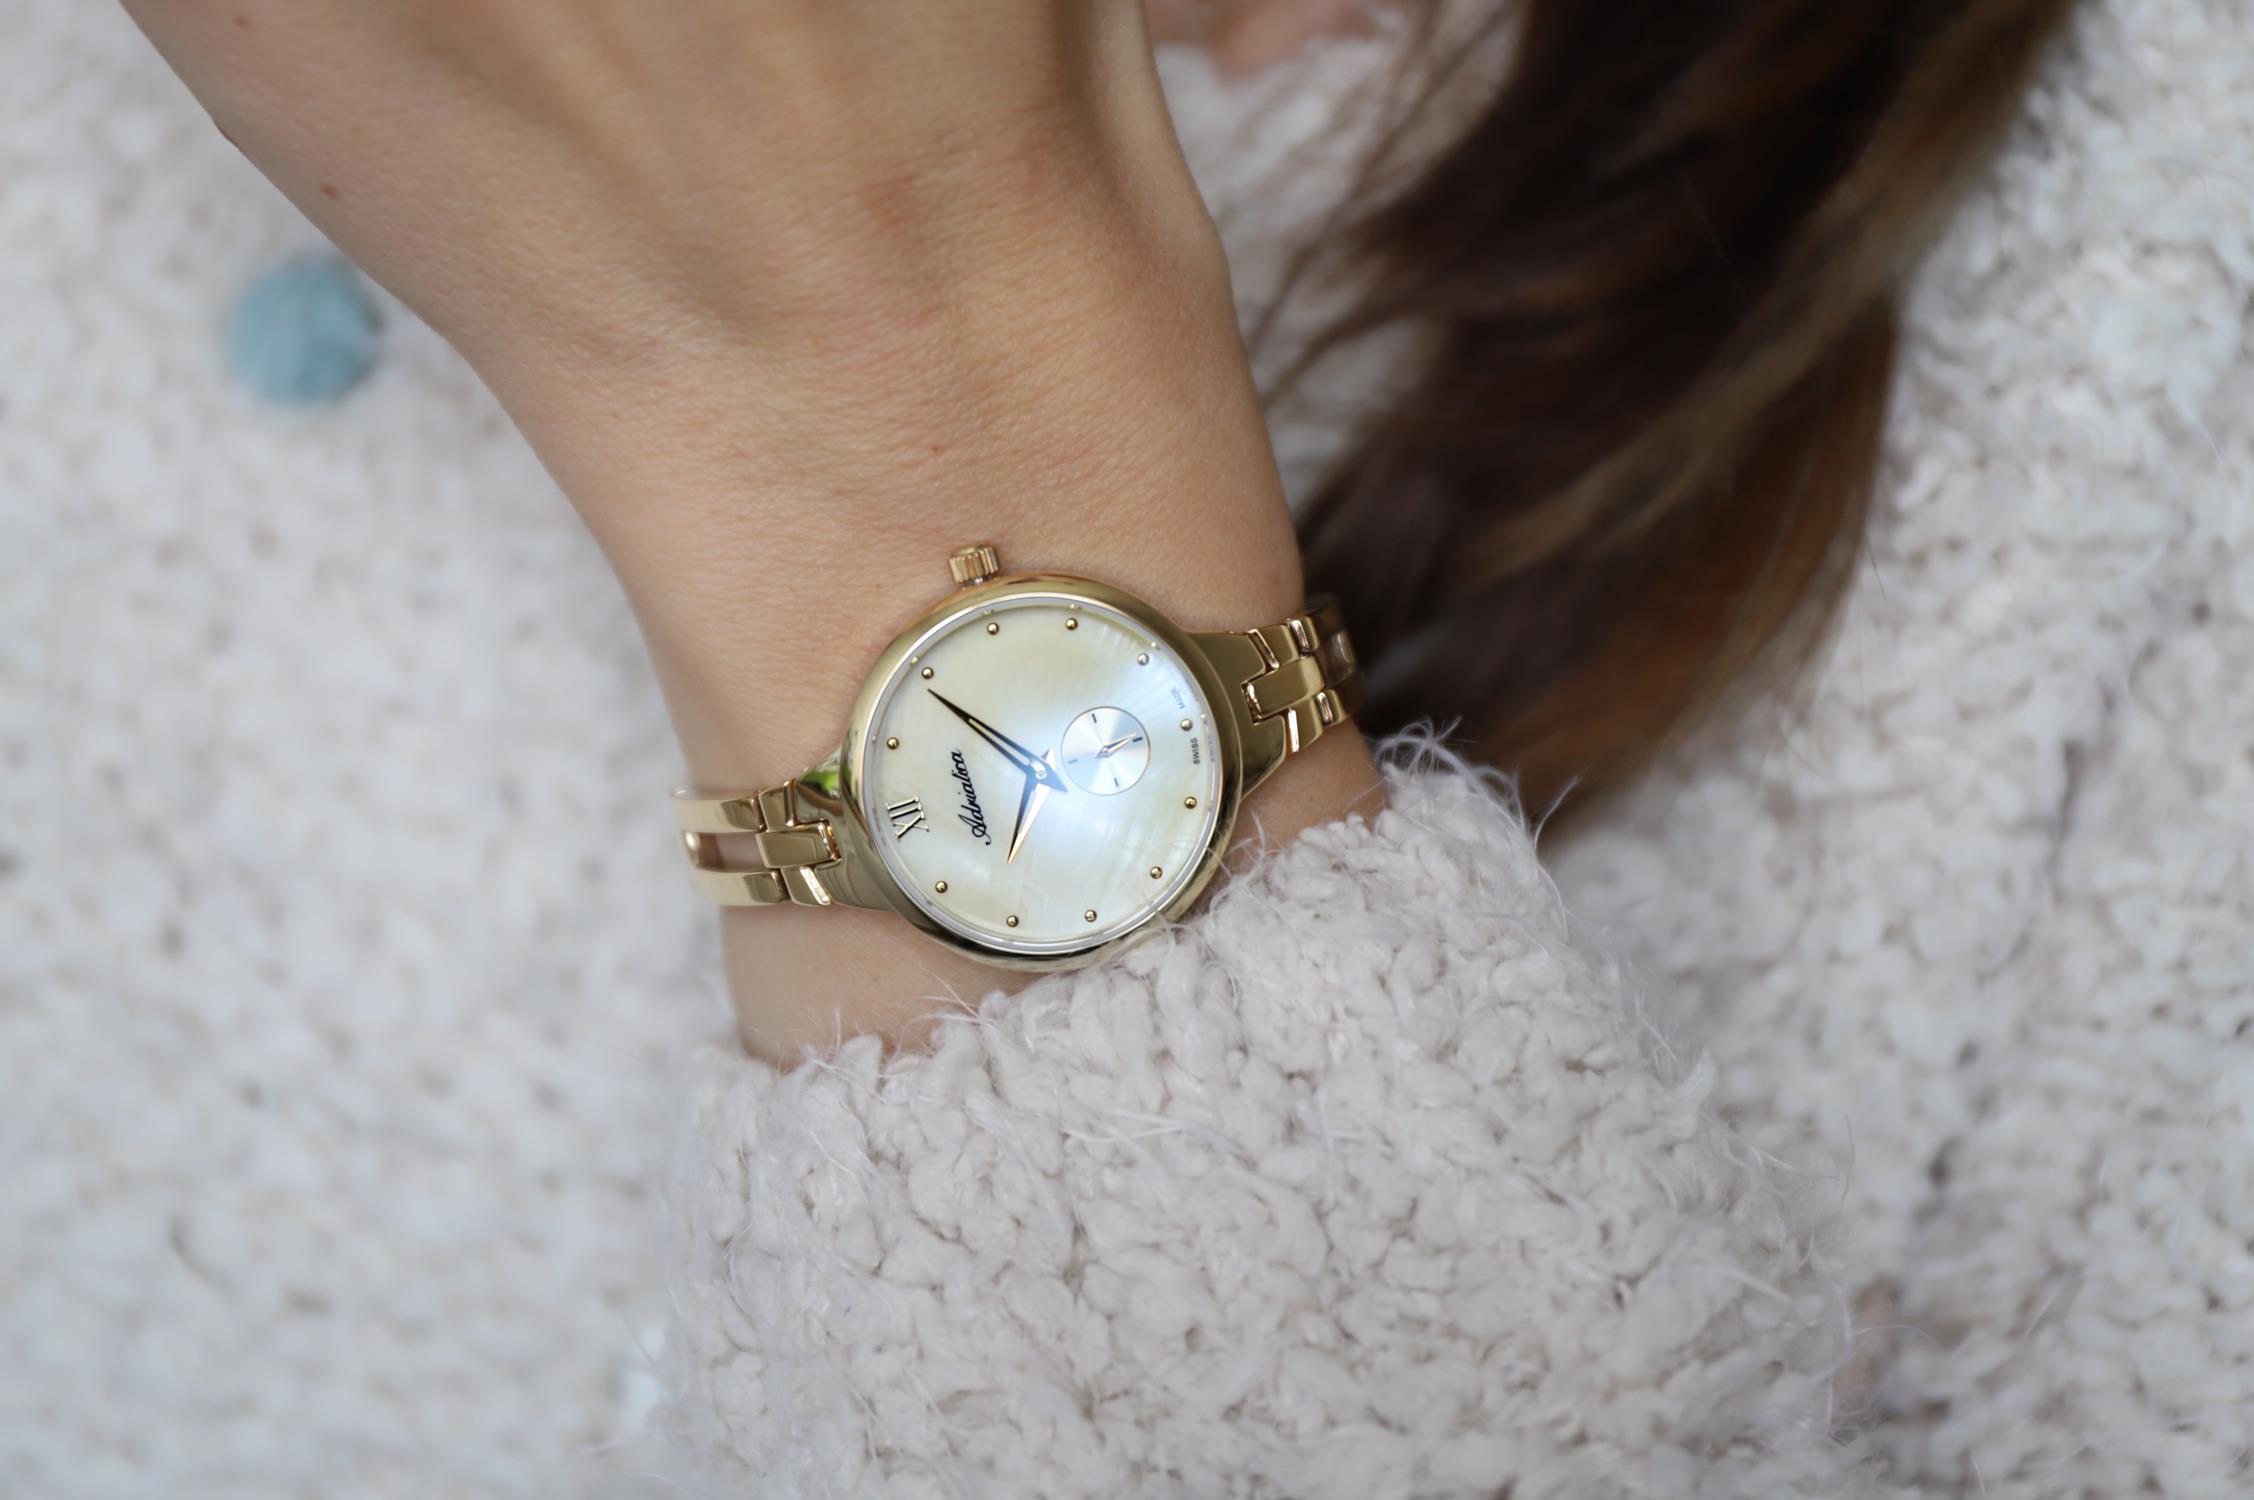 Adriatica A3728.118SQ zegarek złoty klasyczny Bransoleta bransoleta